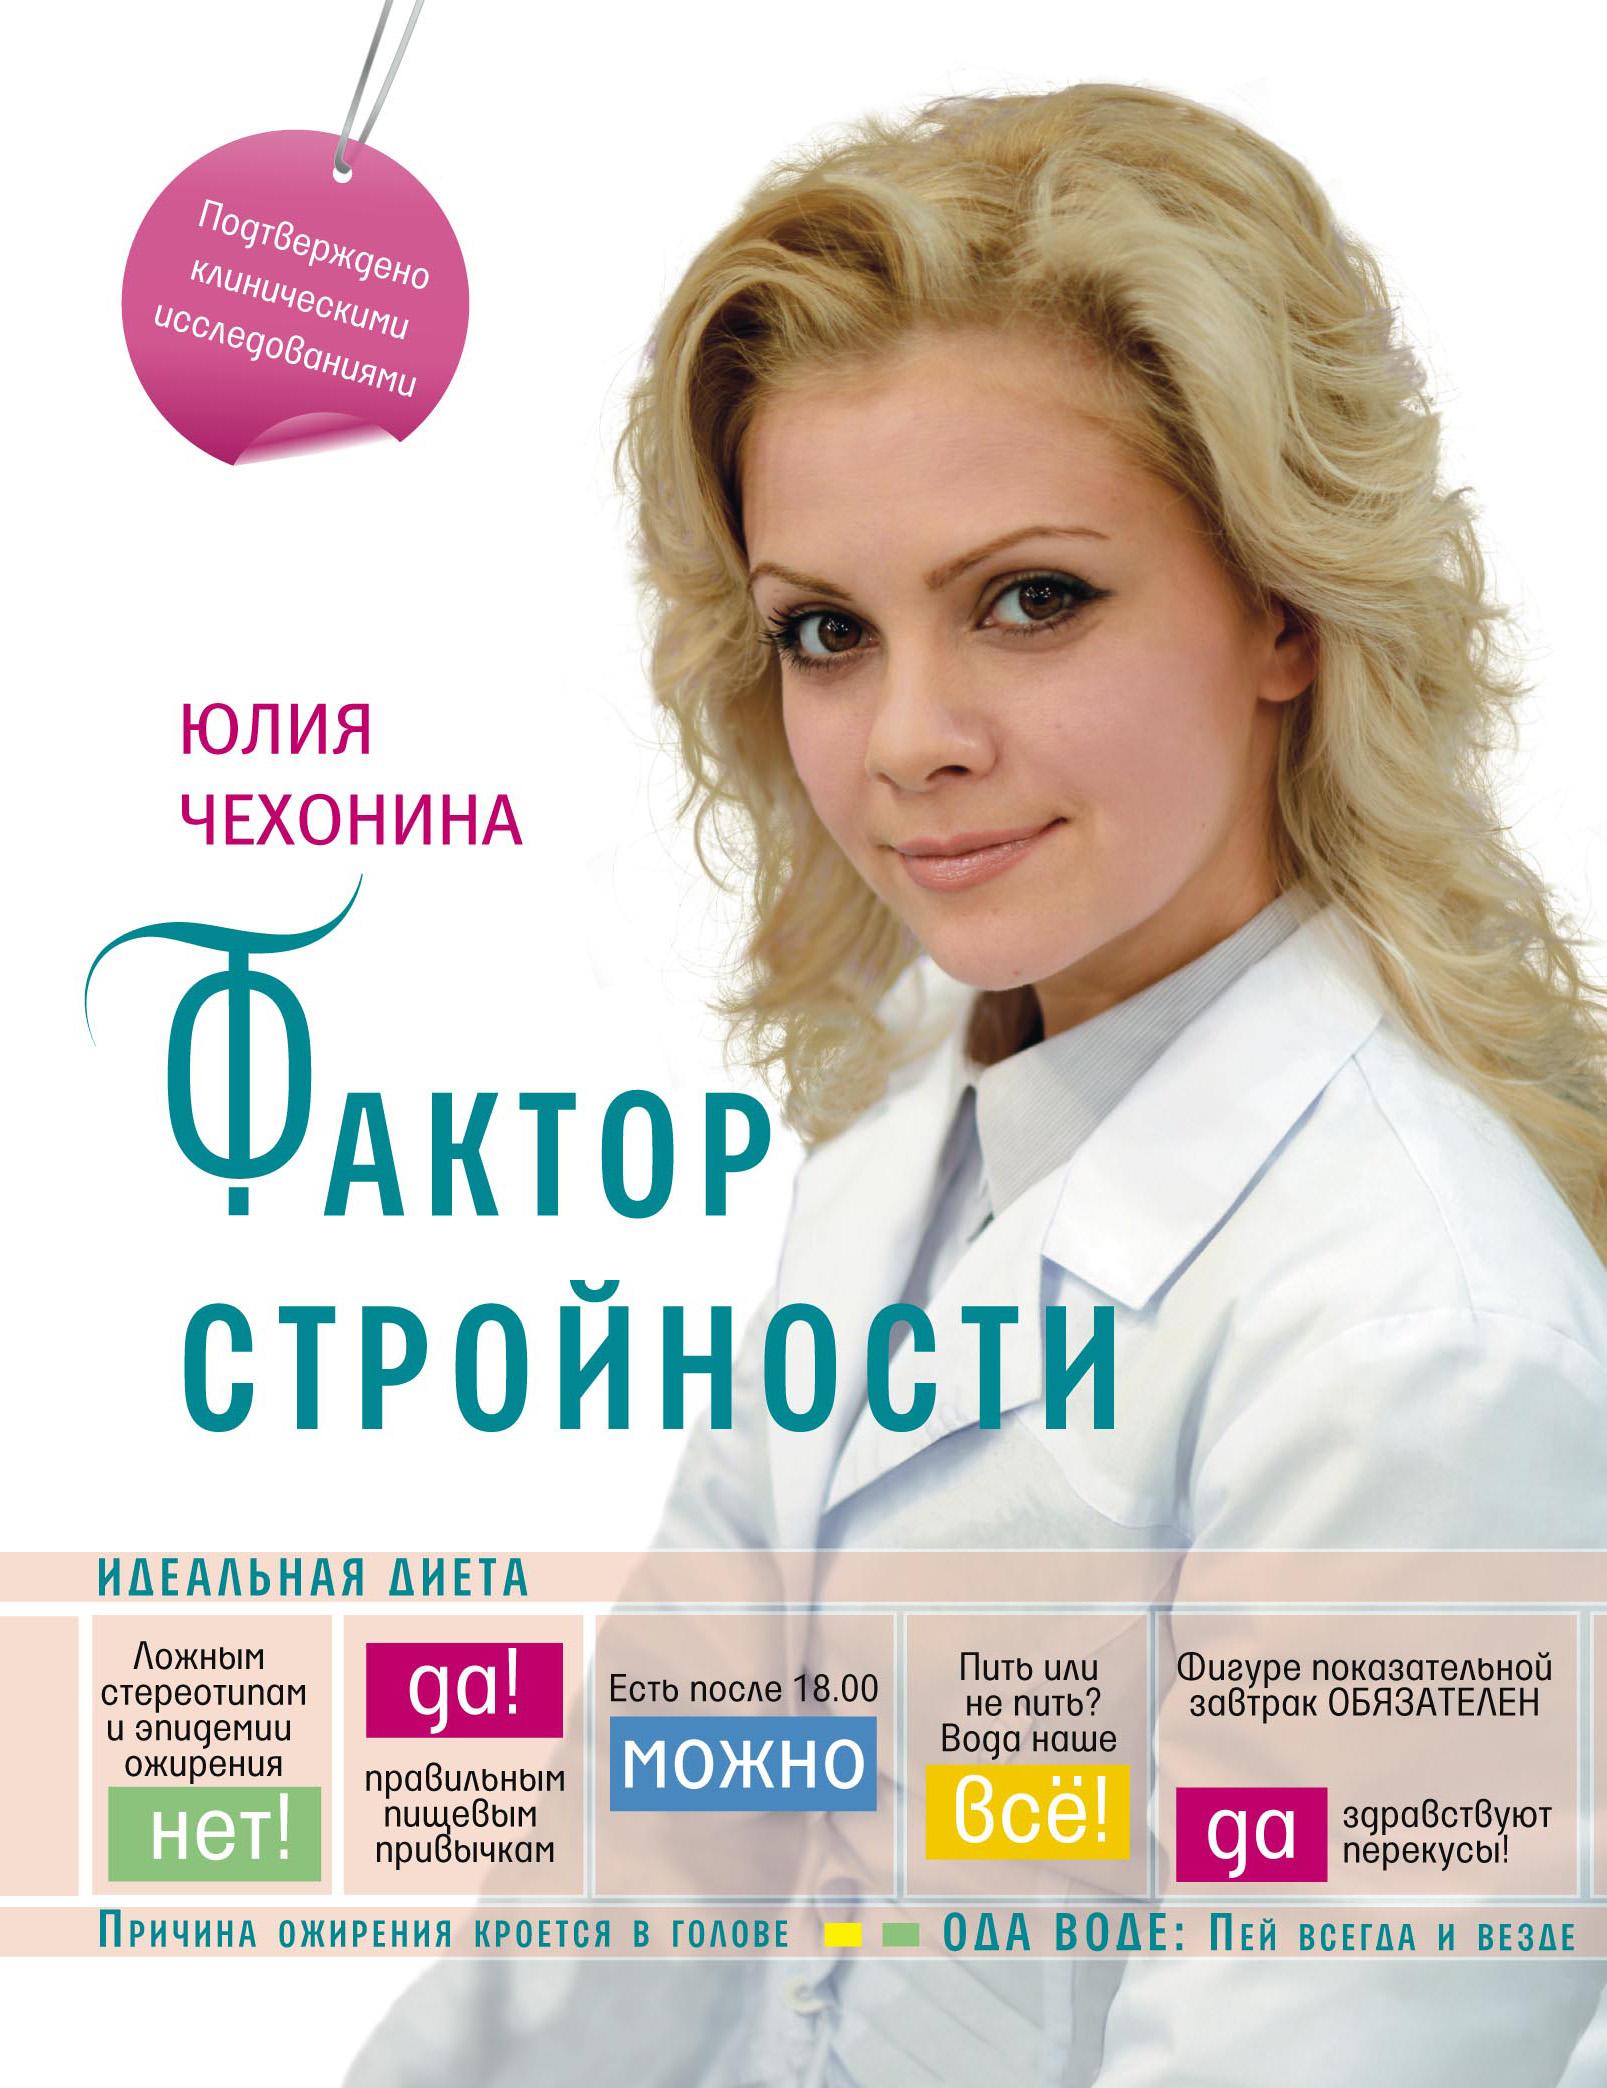 Юлия Чехонина Фактор стройности. Идеальная диета чехонина ю фактор стройности идеальная диета